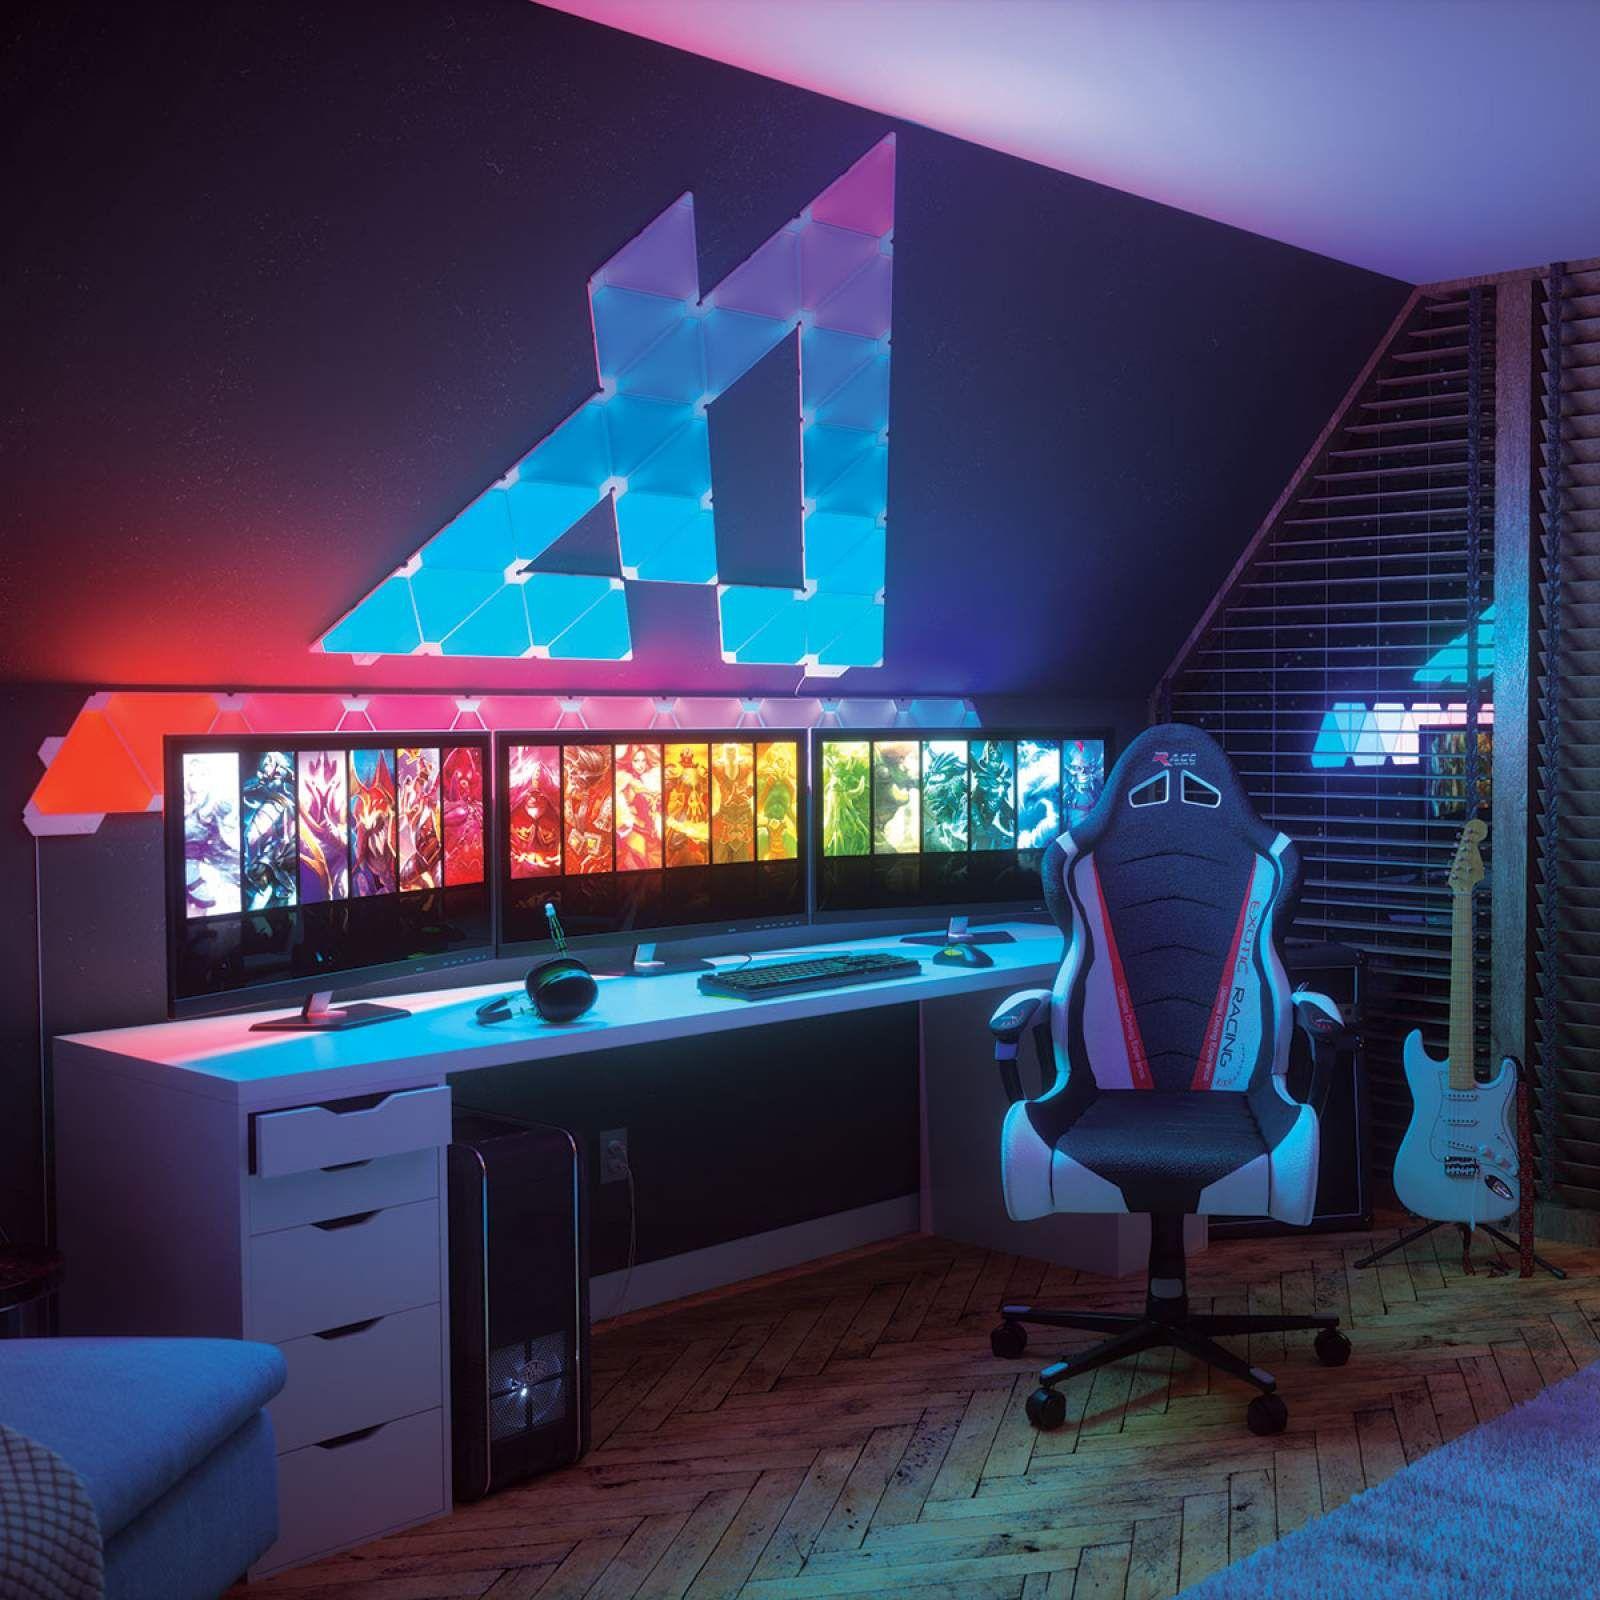 Pin Von Markus Haid Auf Gaming Room In 2020 Spielzimmer Design Gamer Zimmer Computerspielraum